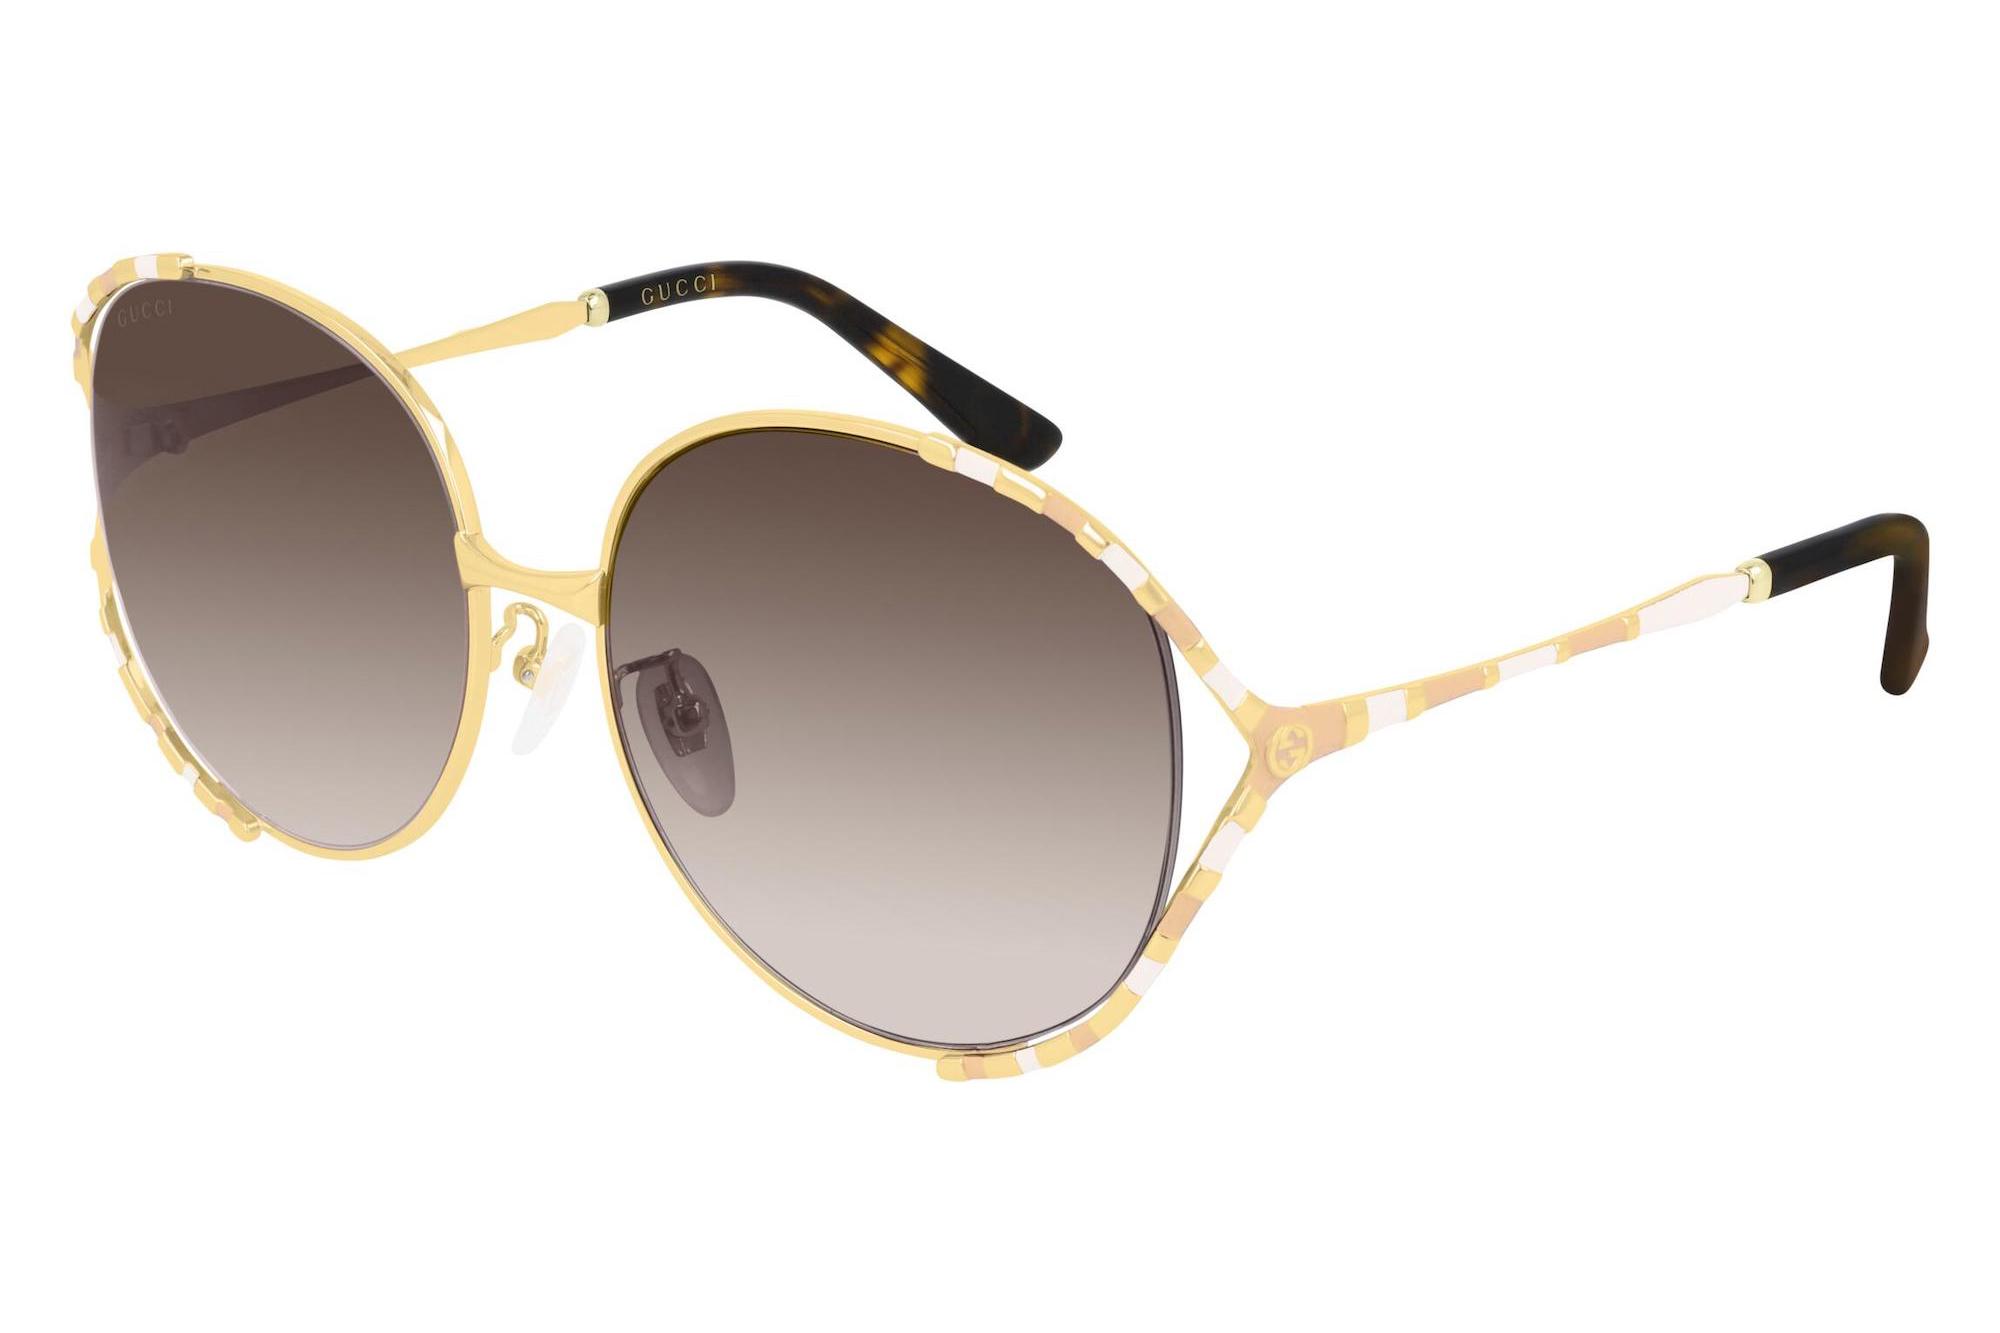 溥仪眼镜与 Gucci 携手举办2019 秋冬眼镜首发活动